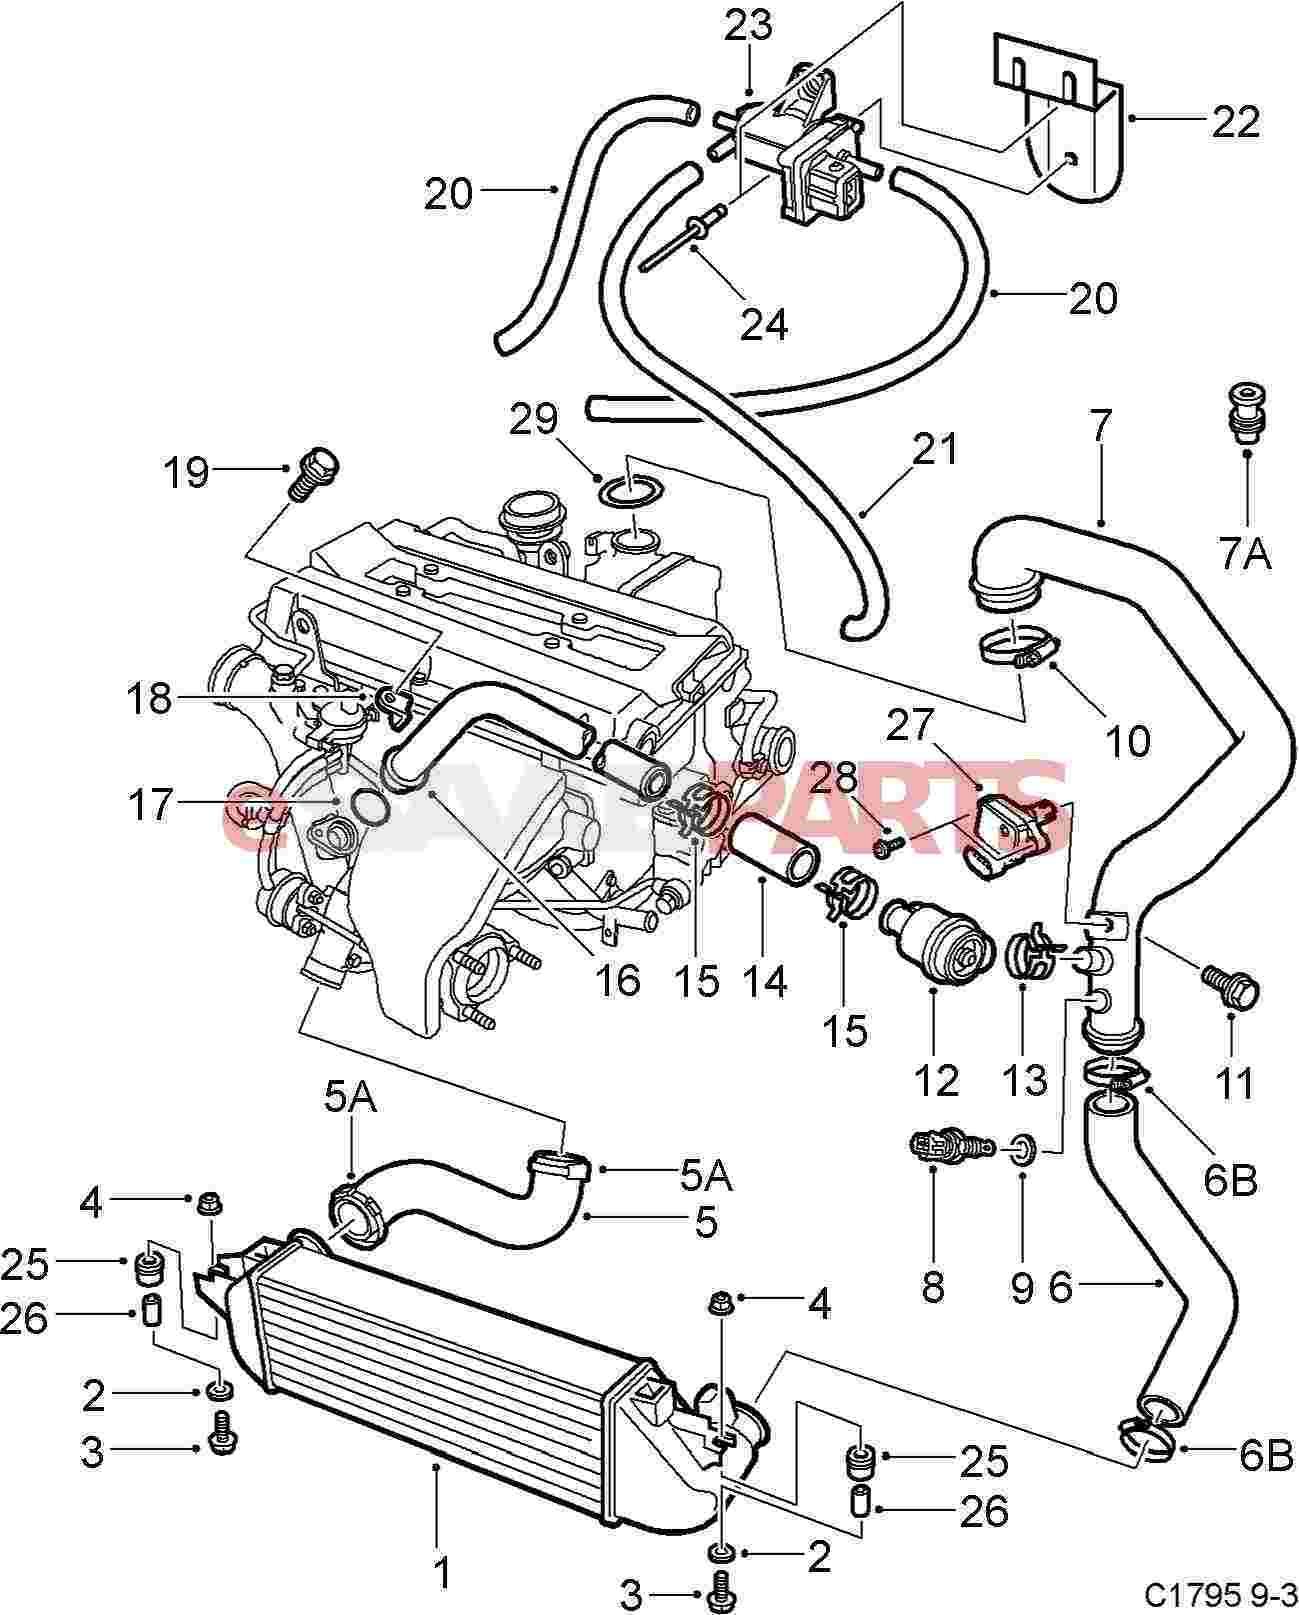 a072umys saab 95 engine diagram